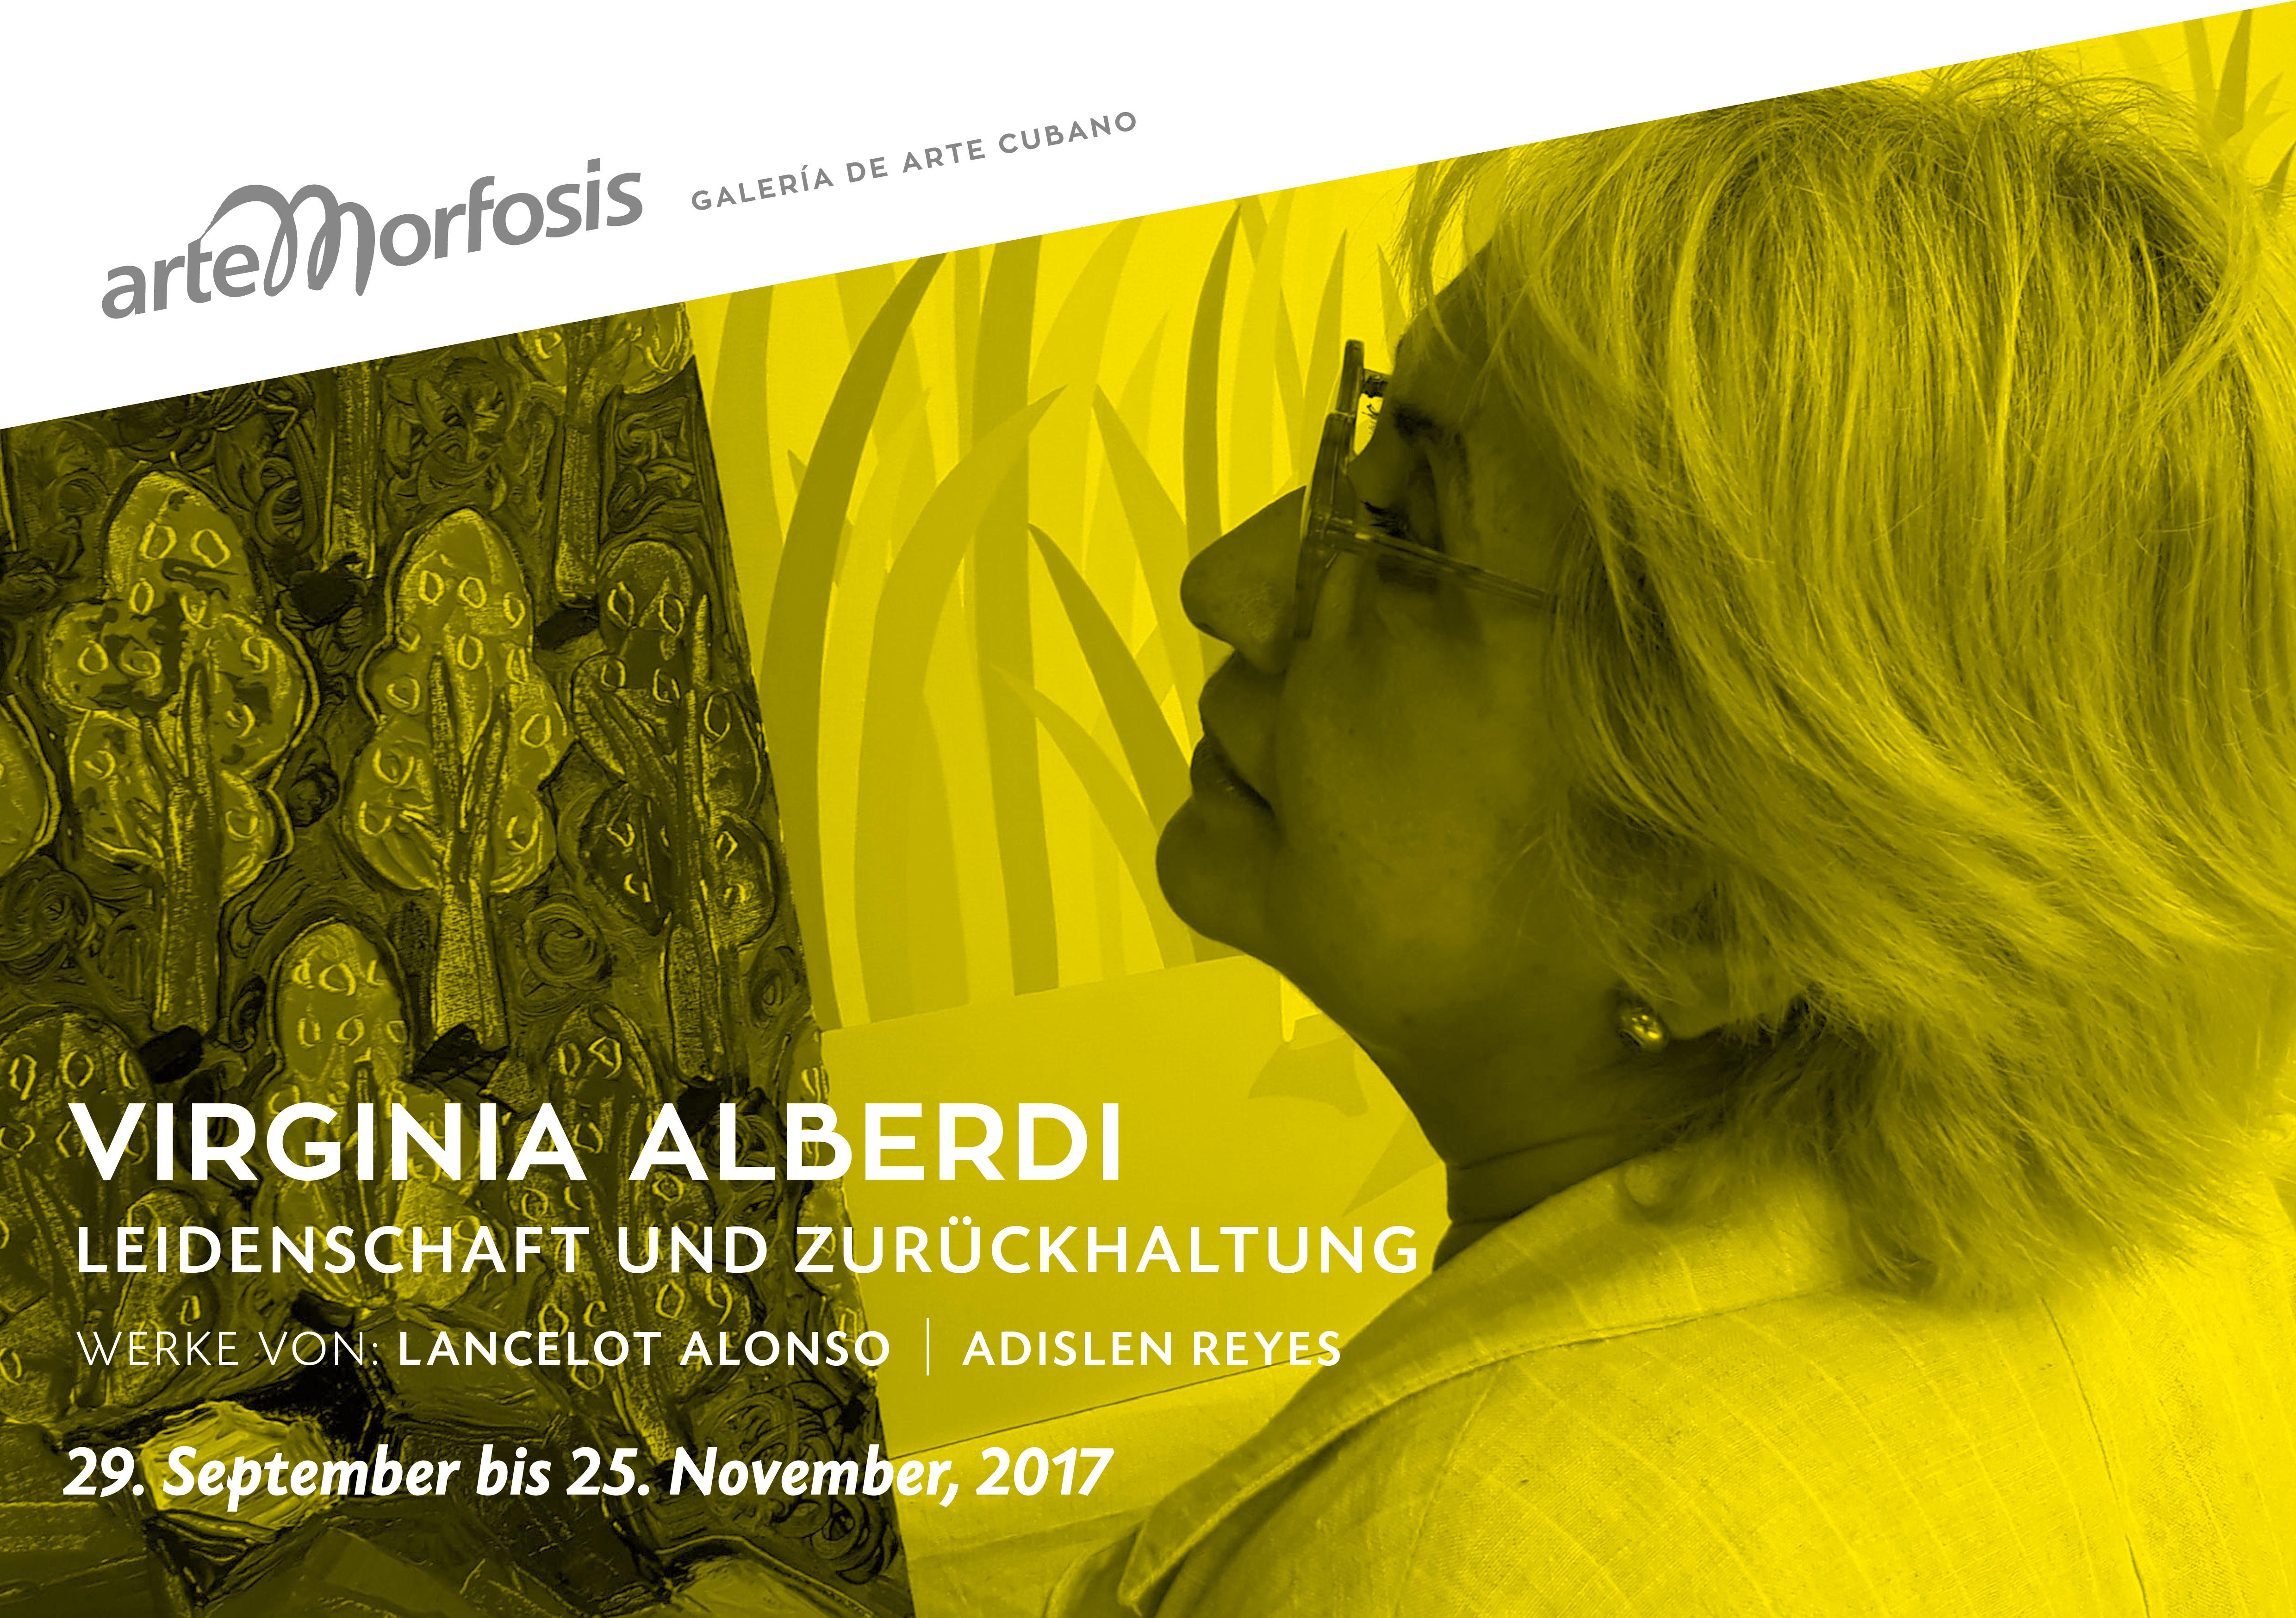 Virginia Alberdi - Einladungskarte Vorderseite